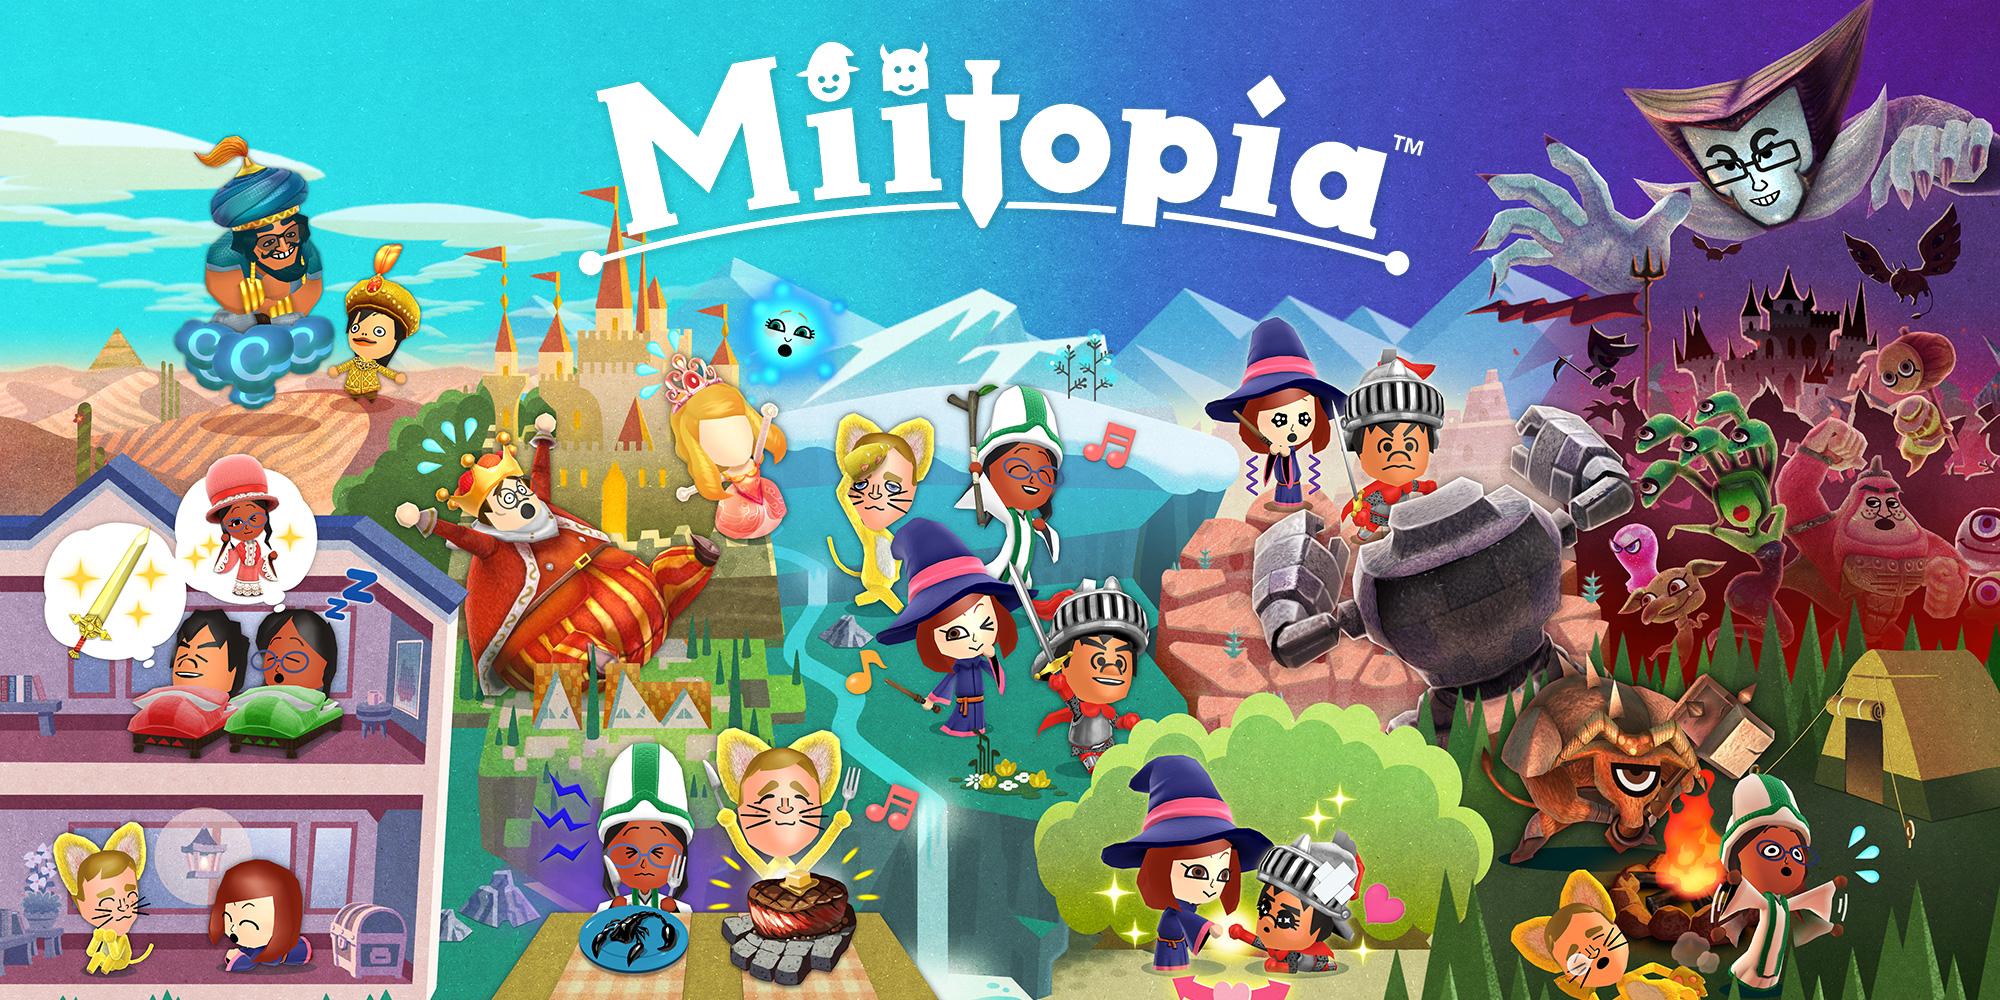 H2x1_3DS_Miitopia